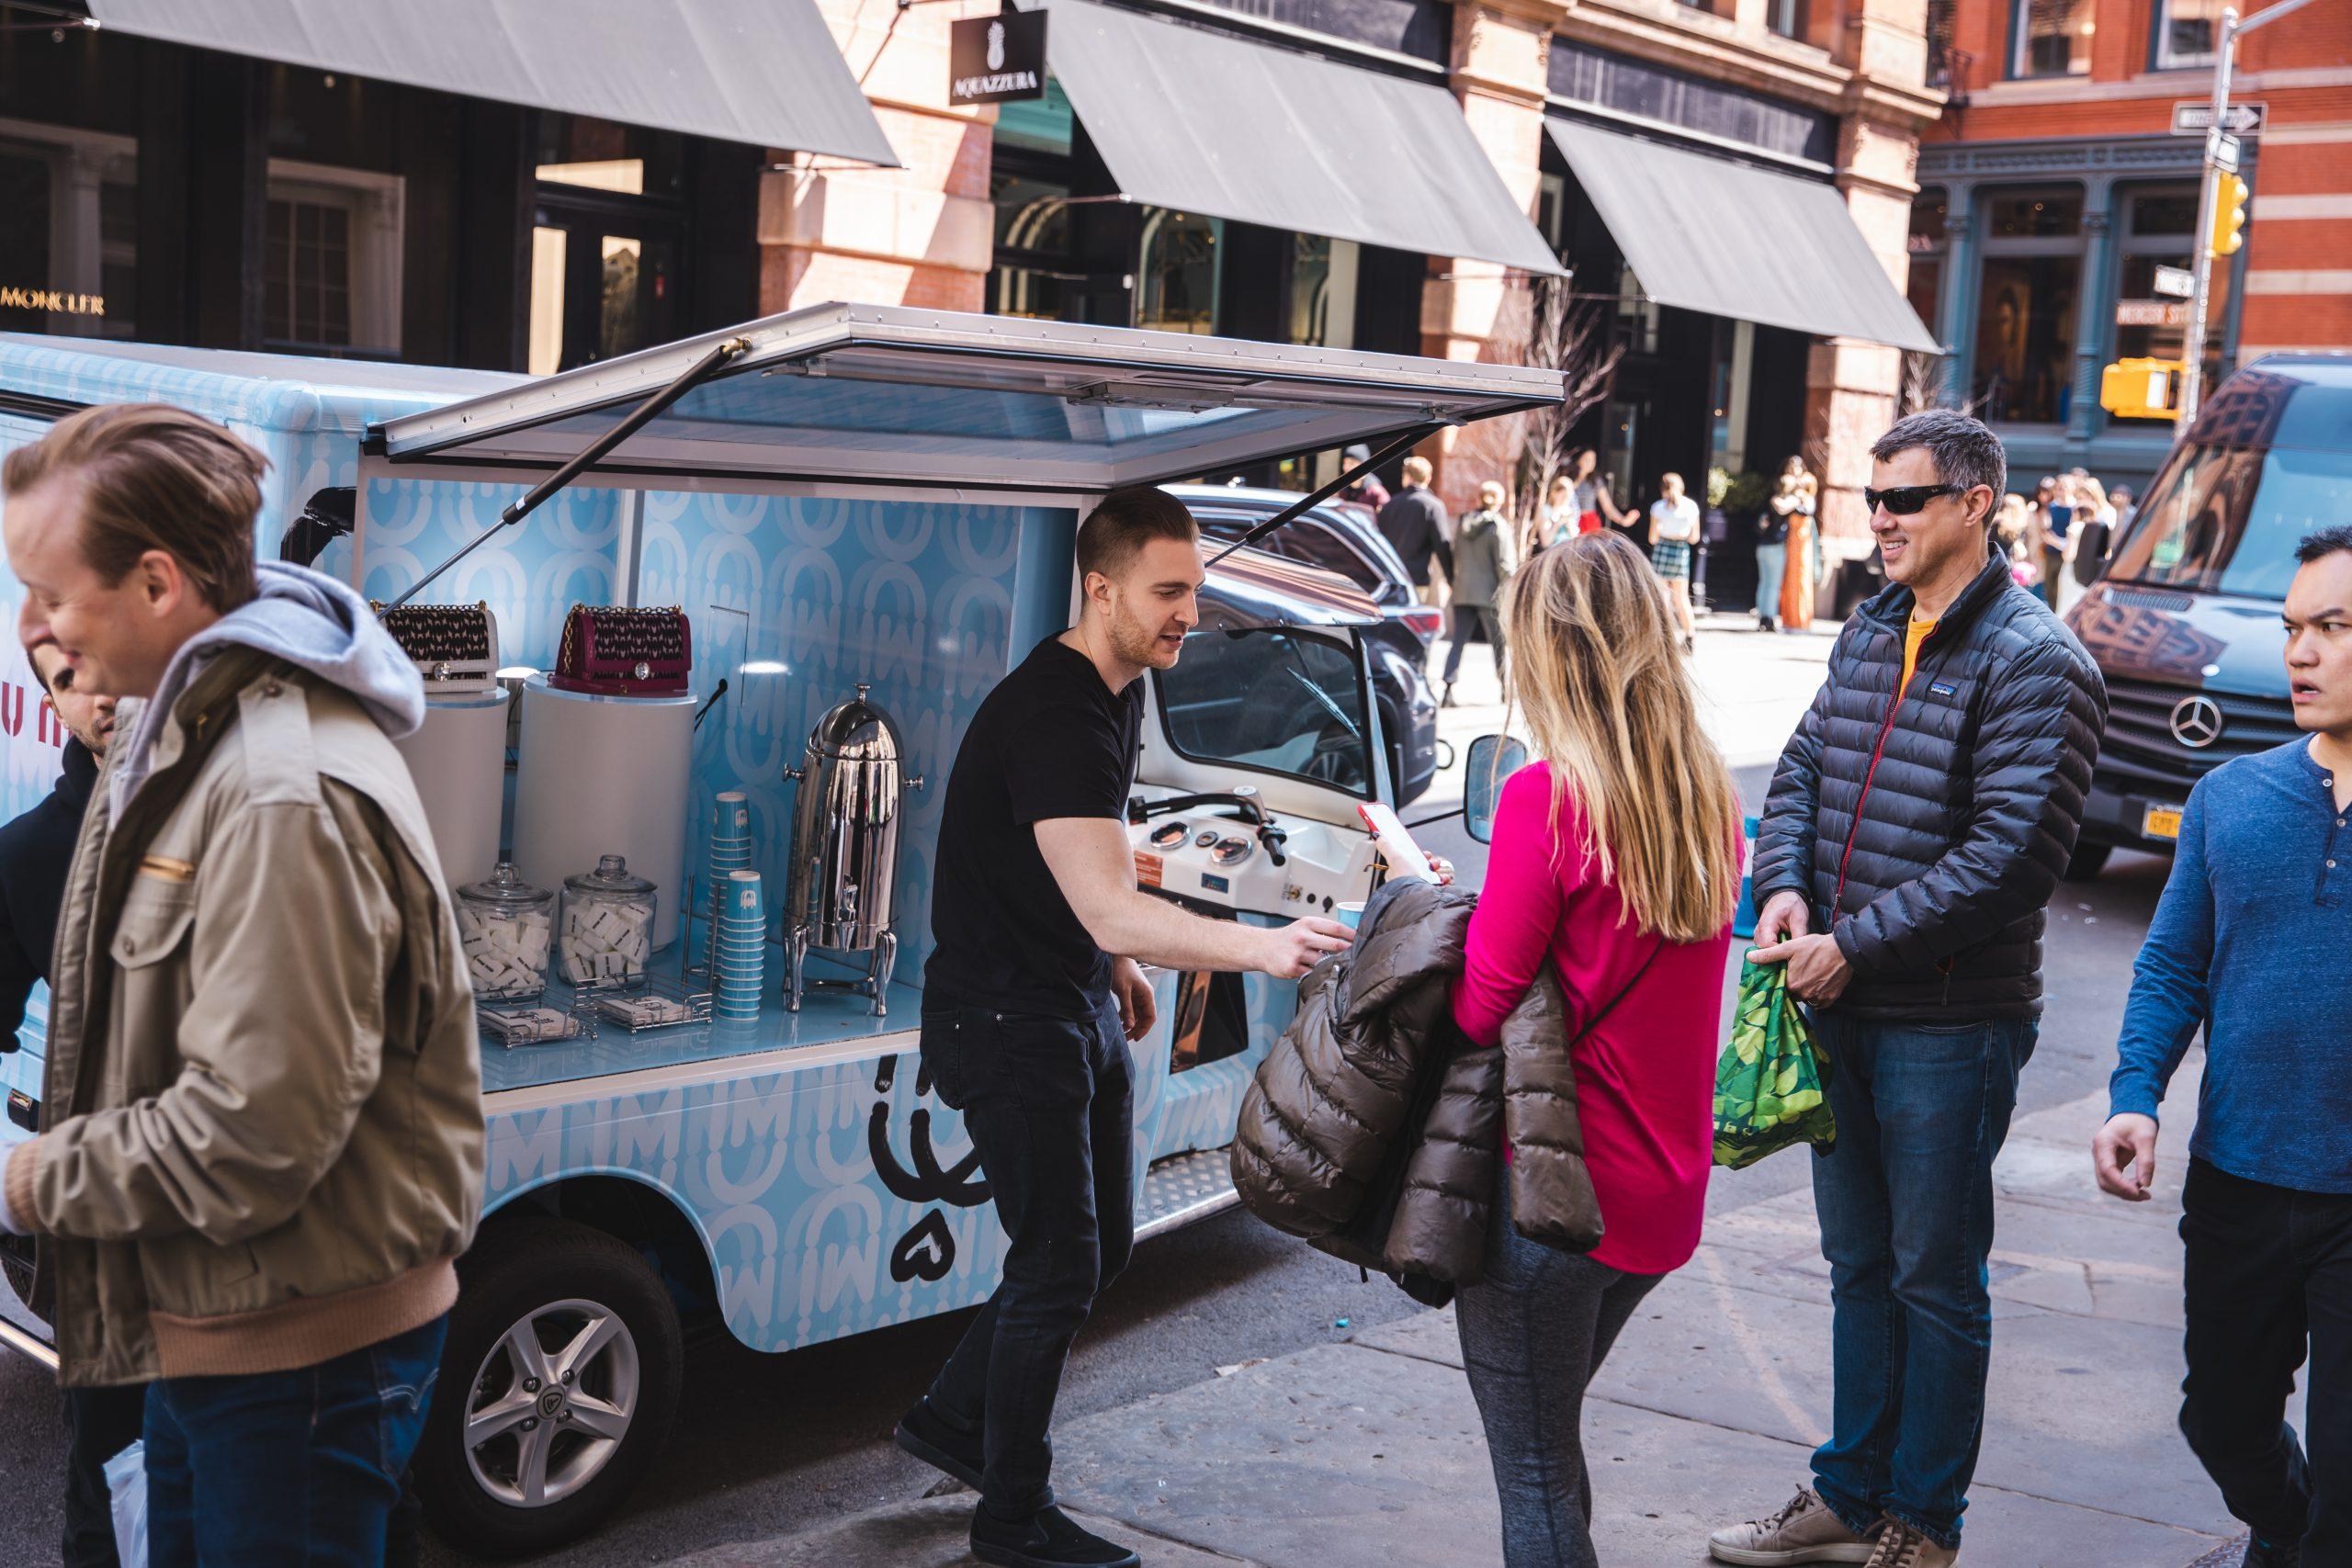 Miu Miu Mobile Pop Up NYC